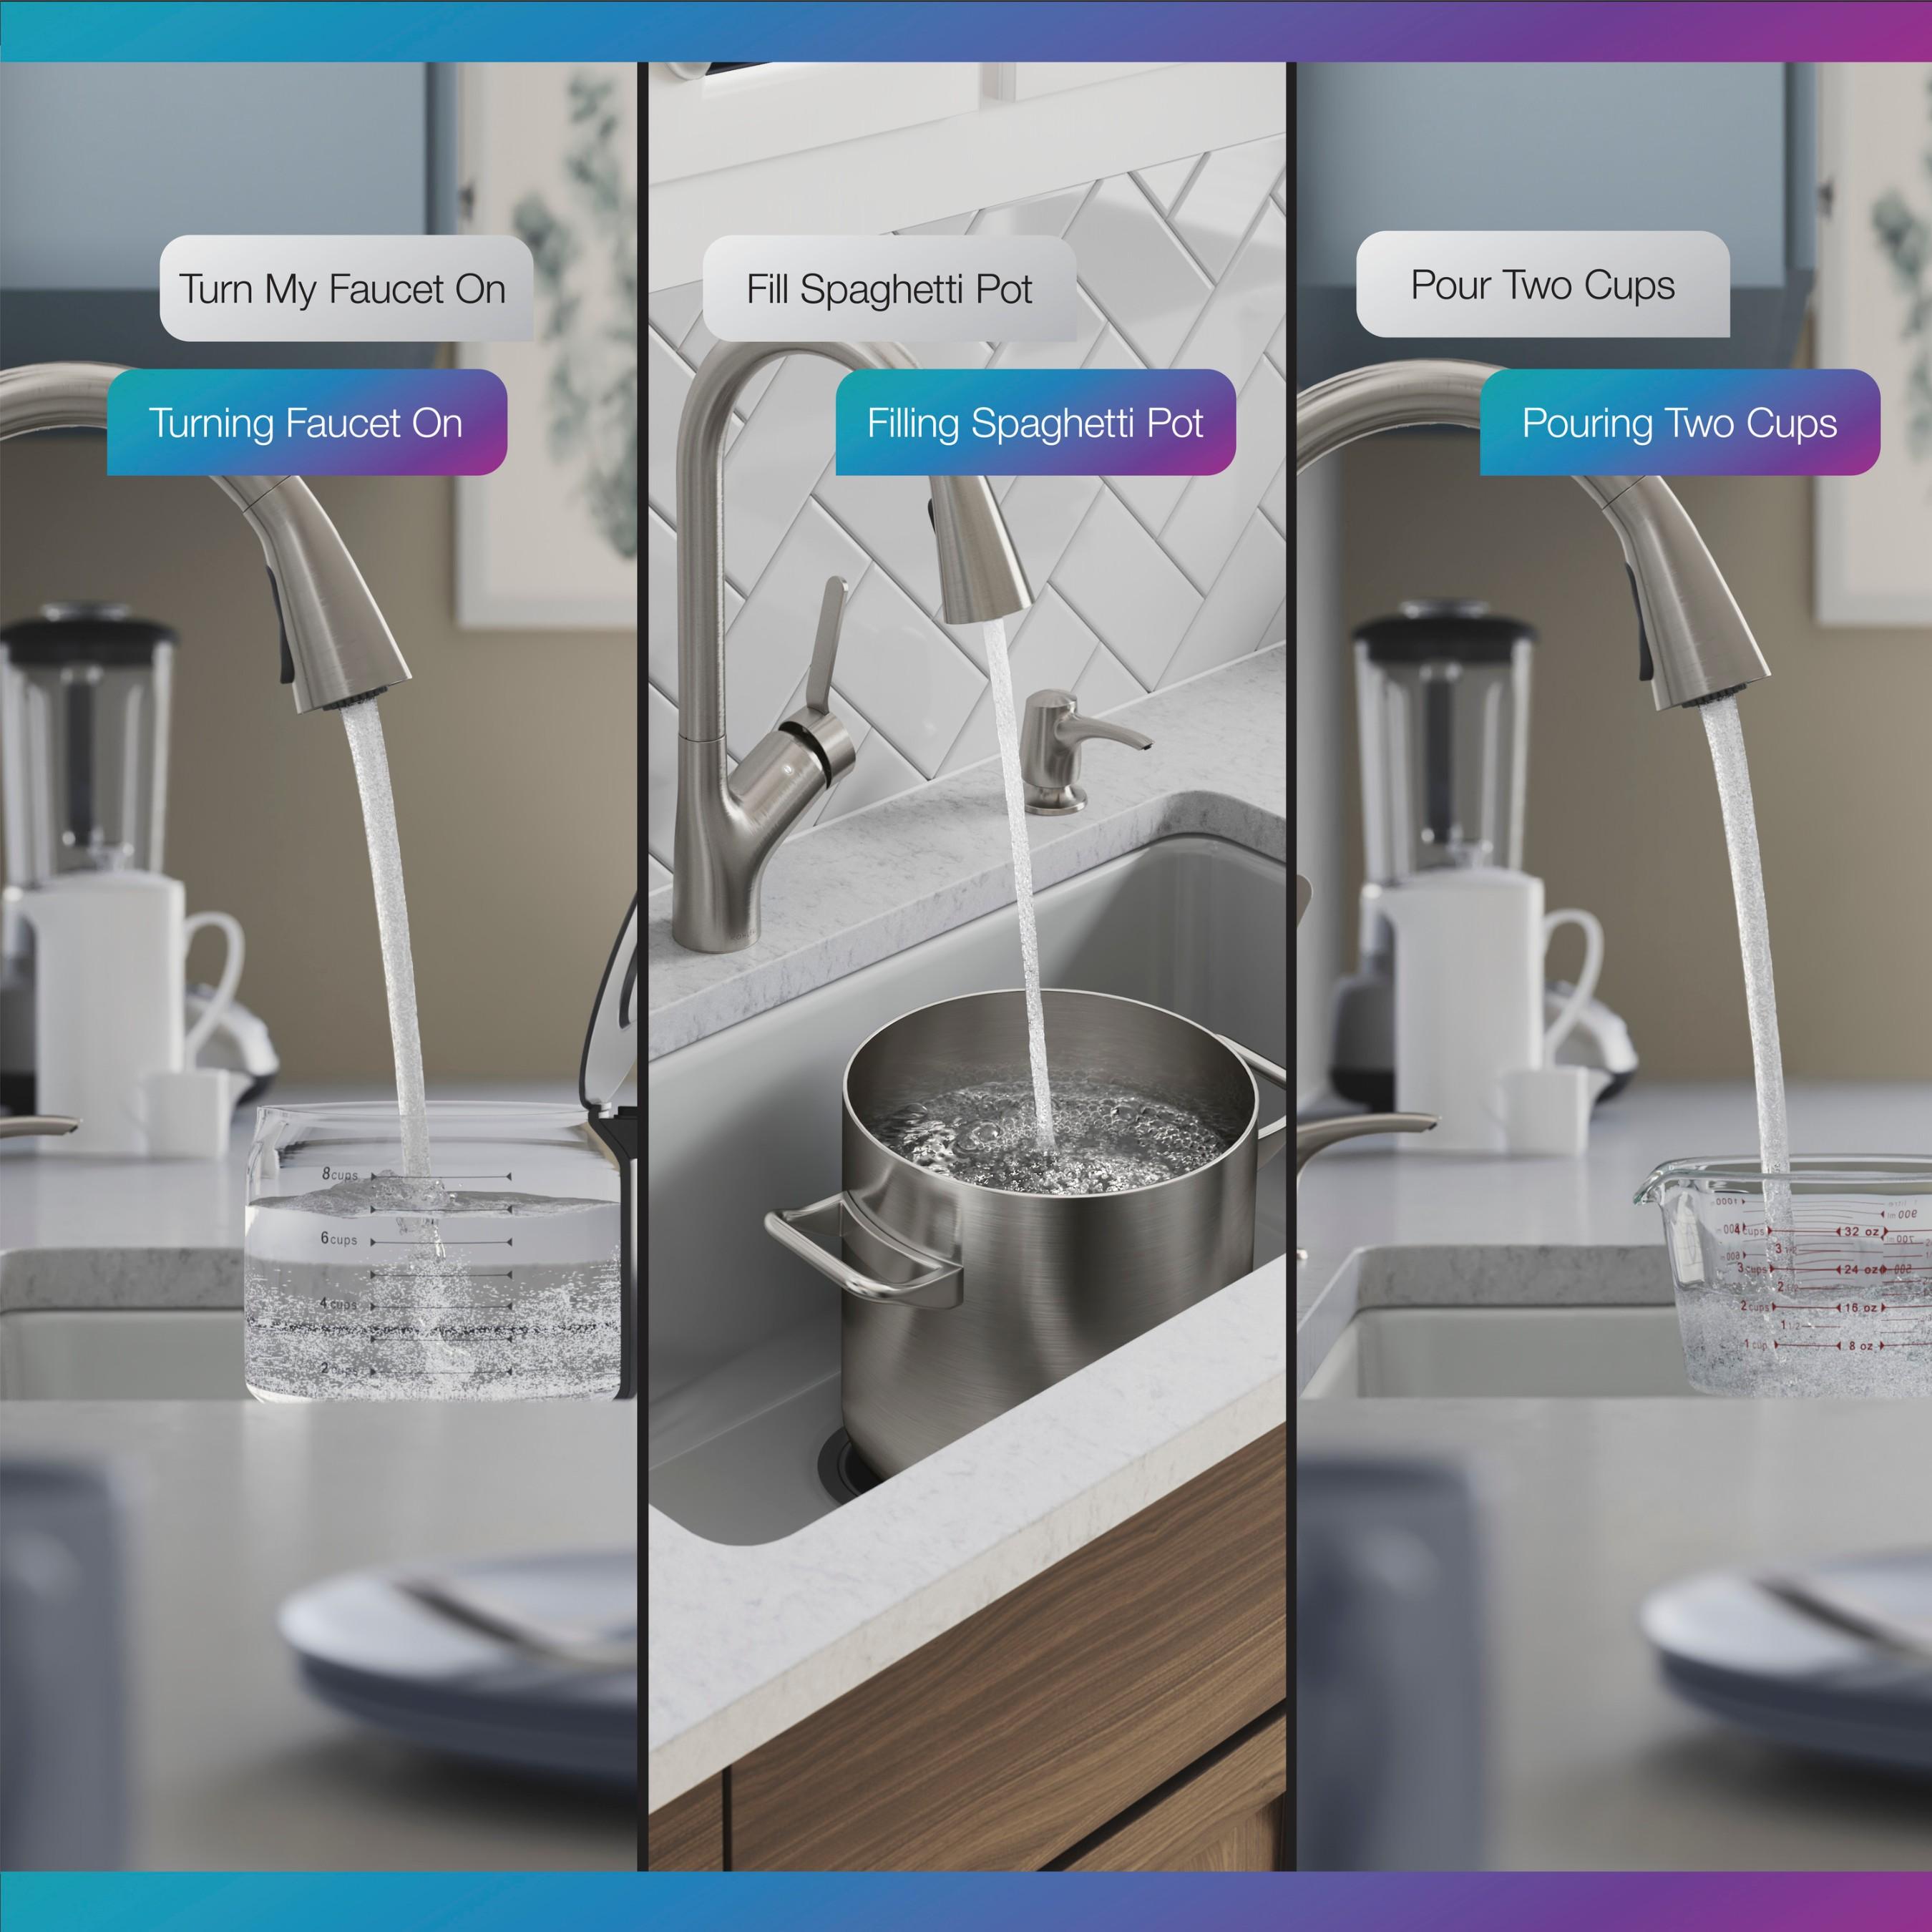 kohler introduces smart home kitchen